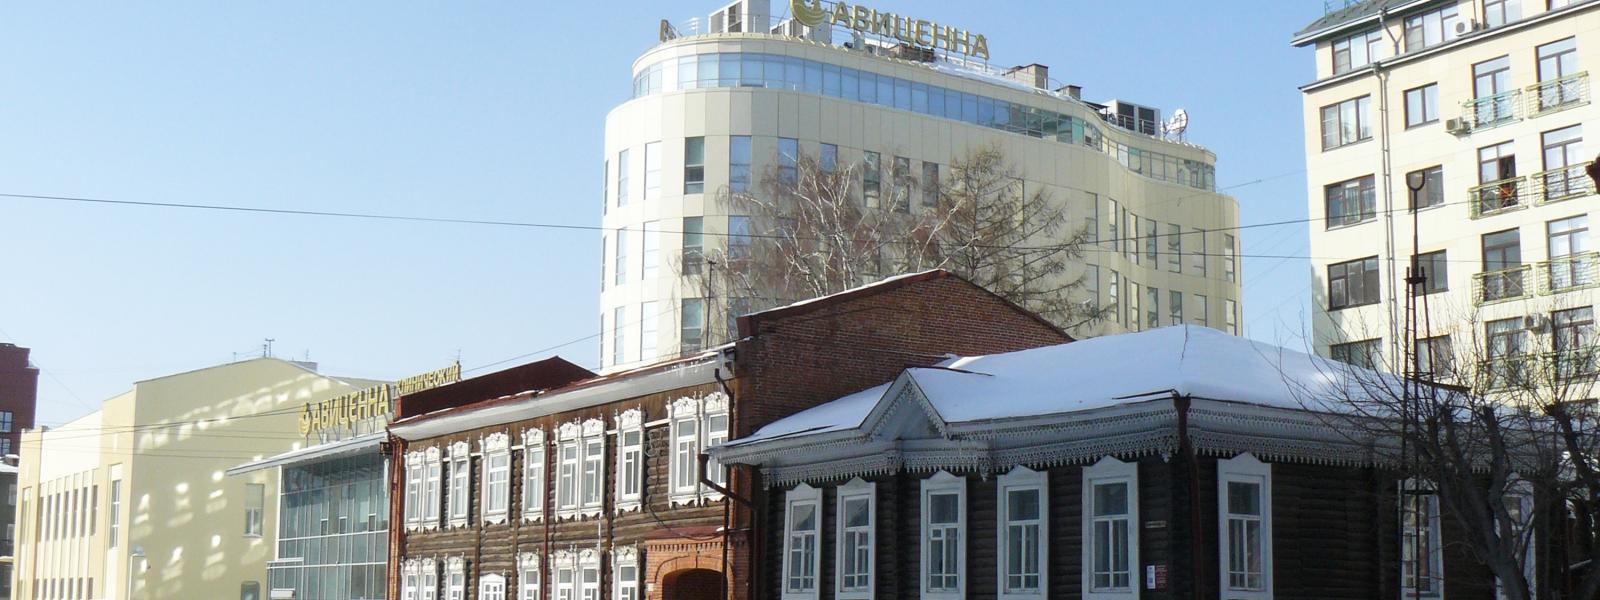 work-Центр врачебной практики с подземной автостоянкой по ул. Коммунистическая 17а в Новосибирске